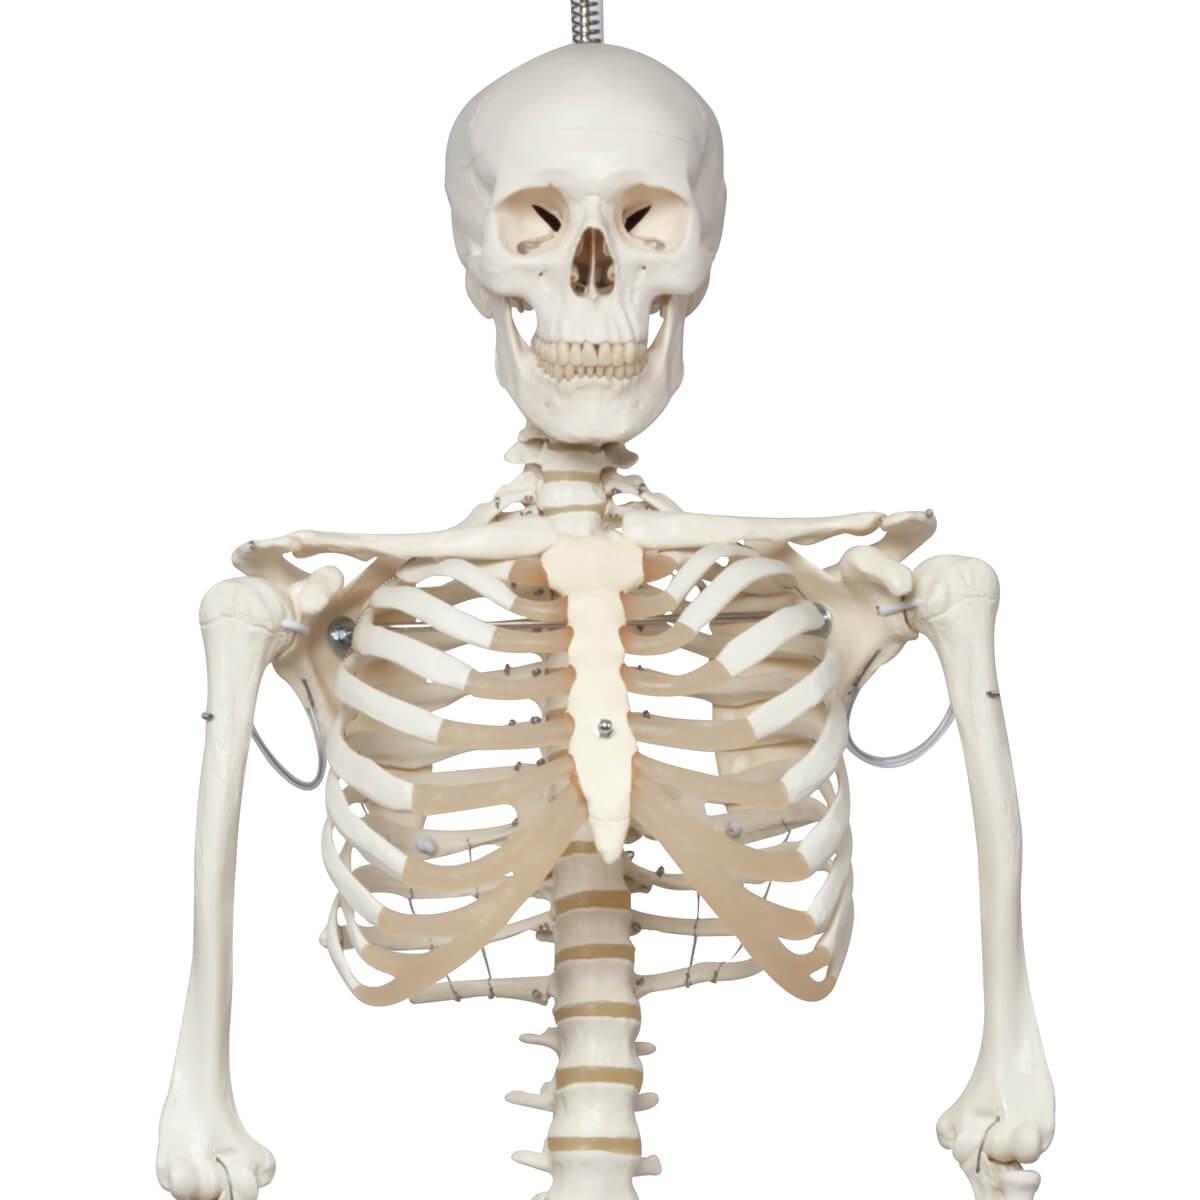 Esqueleto Phil A15/3, O Esqueleto Fisiológico em Metal de Suspensão de Metal com 5 Rolos